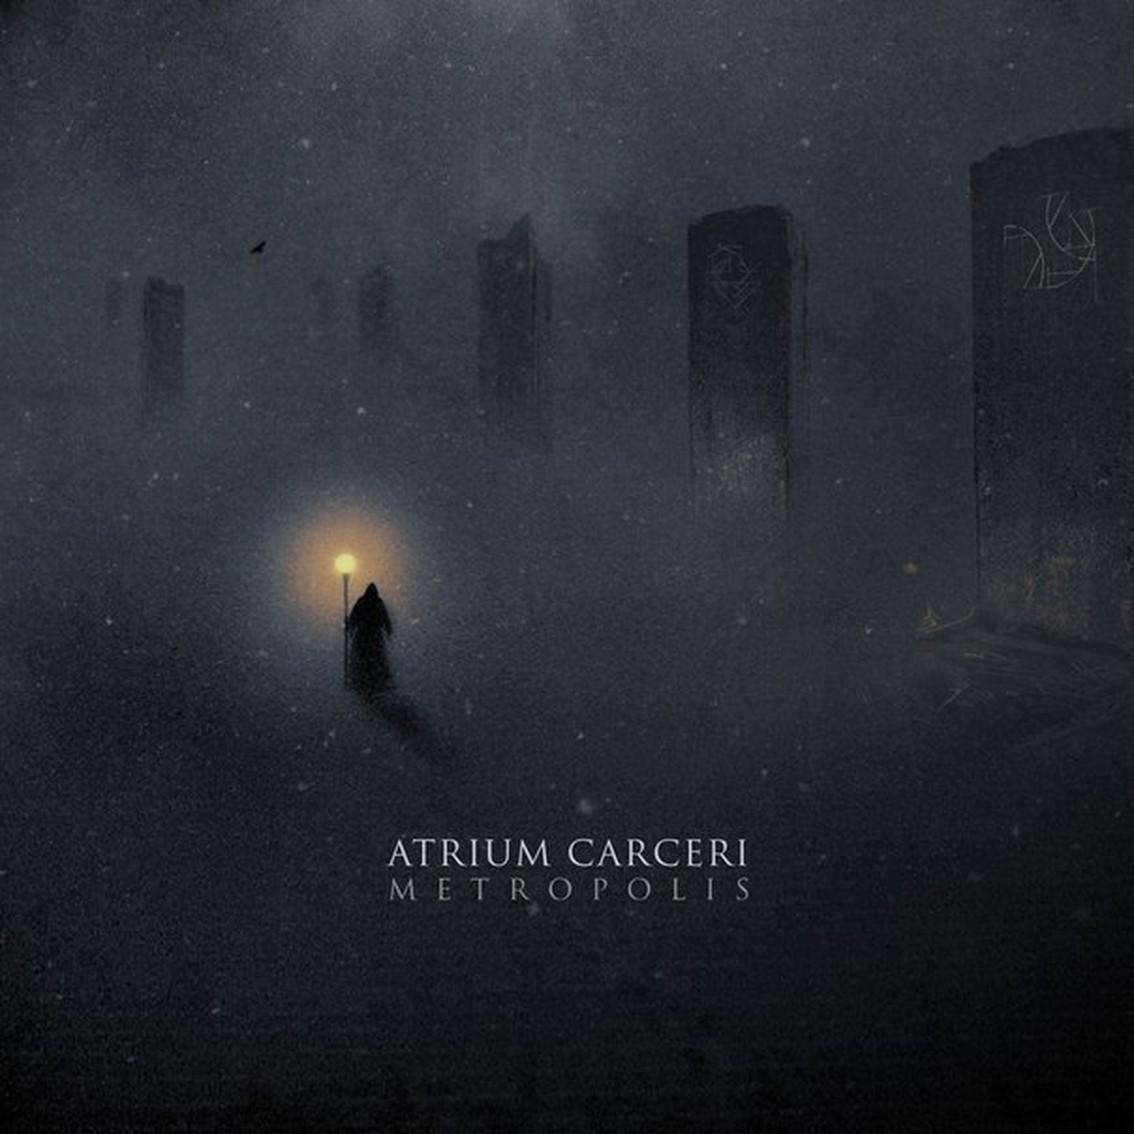 Atrium Carceri returns with 'Metropolis', the brother album to 2013's 'The Untold'